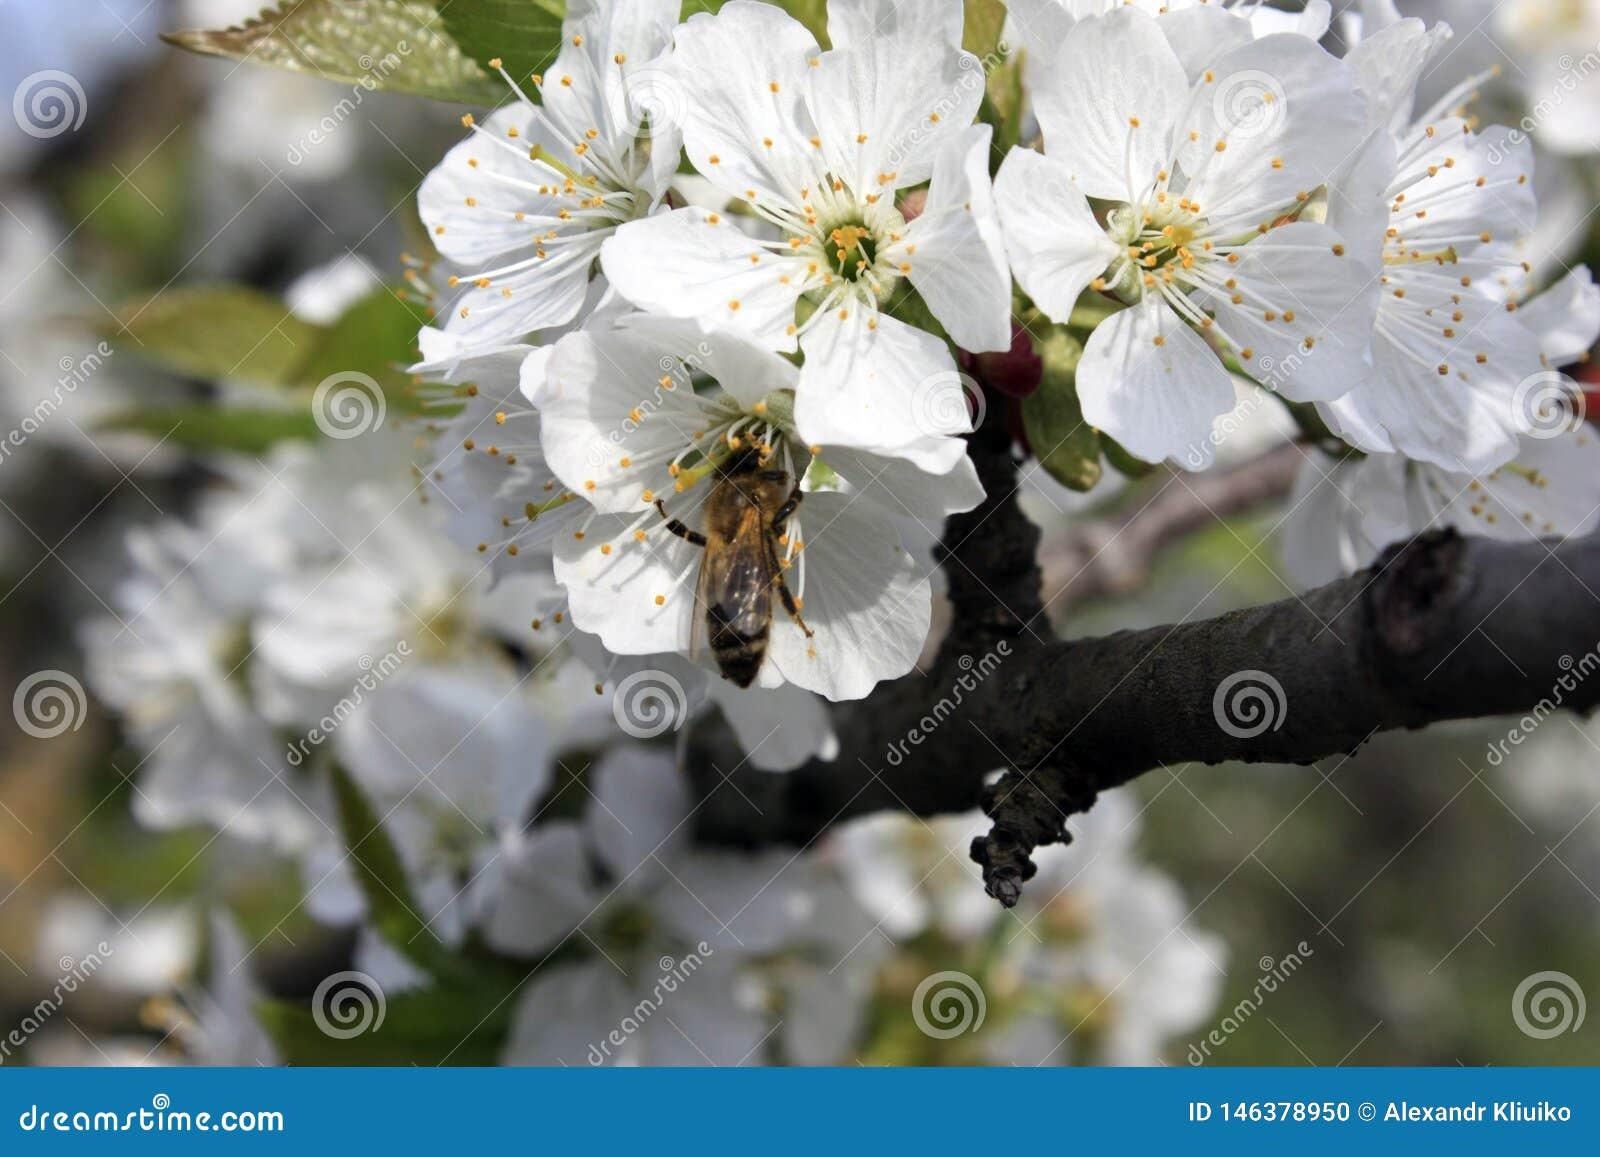 Зацветая фруктовое дерево с пчелой на бело-розовом цветке Запачканная предпосылка, ясный солнечный весенний день r